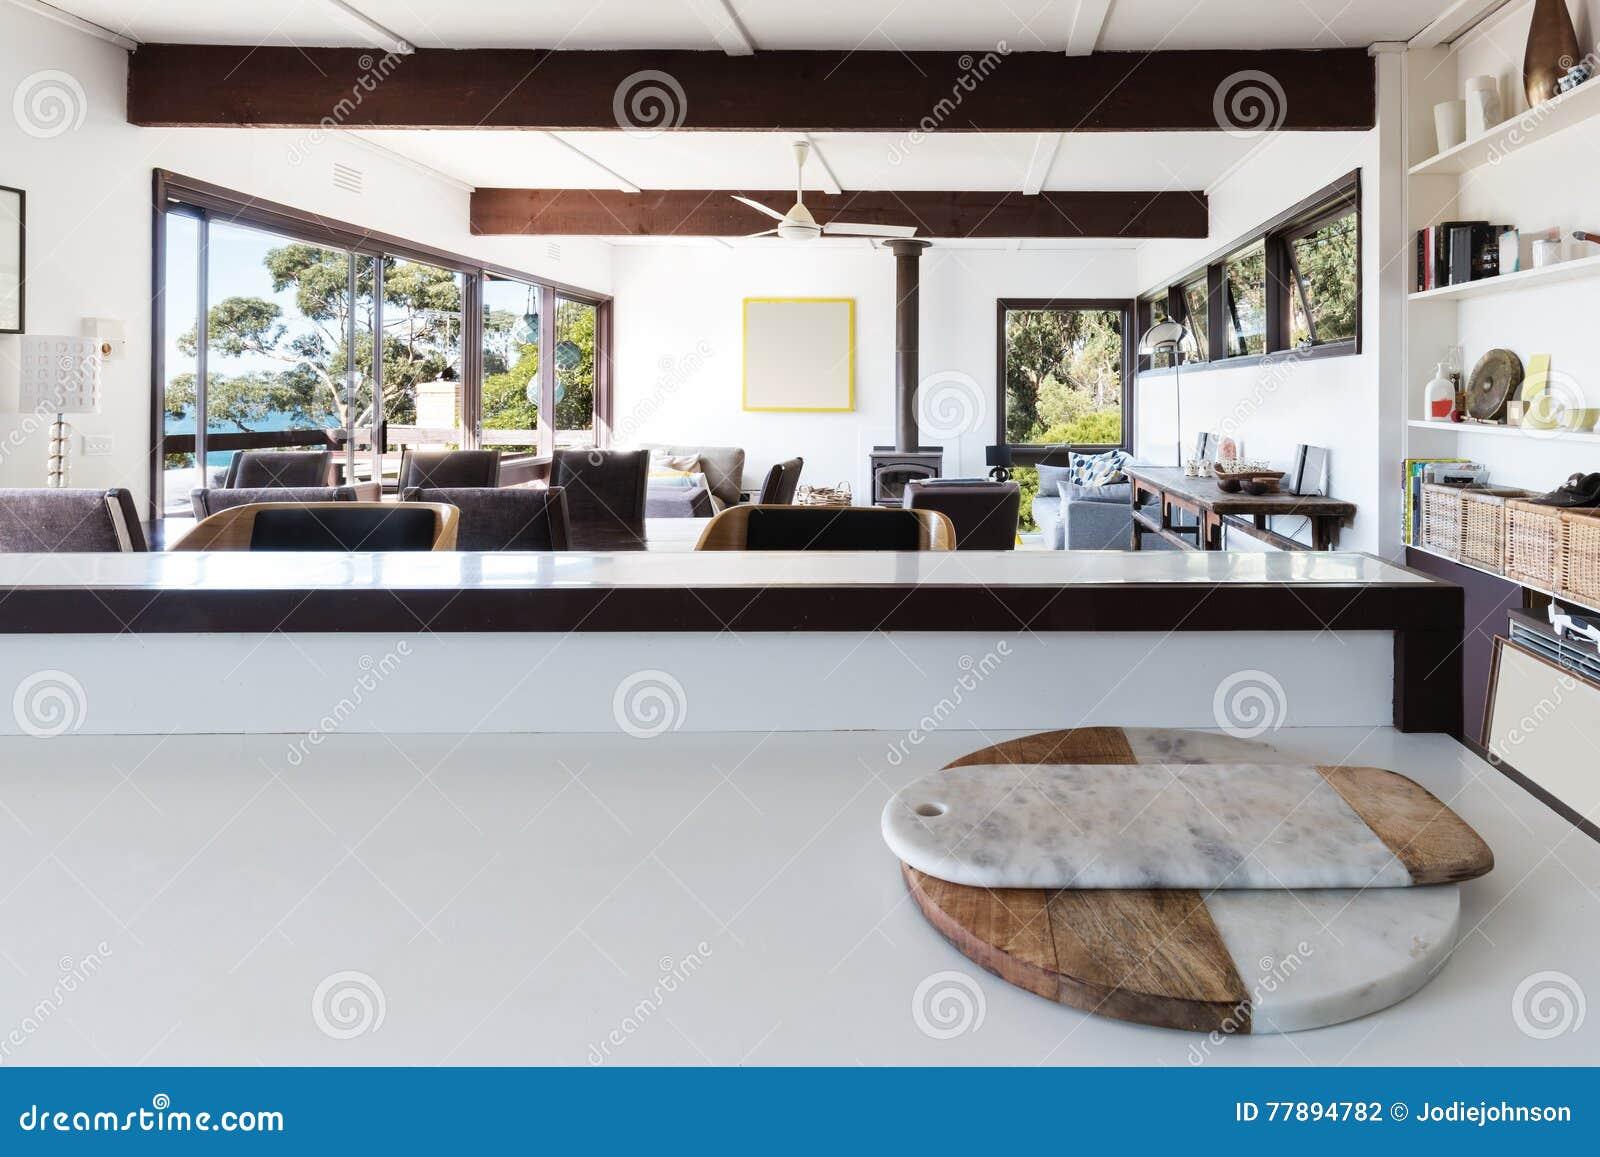 Kökbänk som ser för att öppna planvardagsrum i retro strand ho